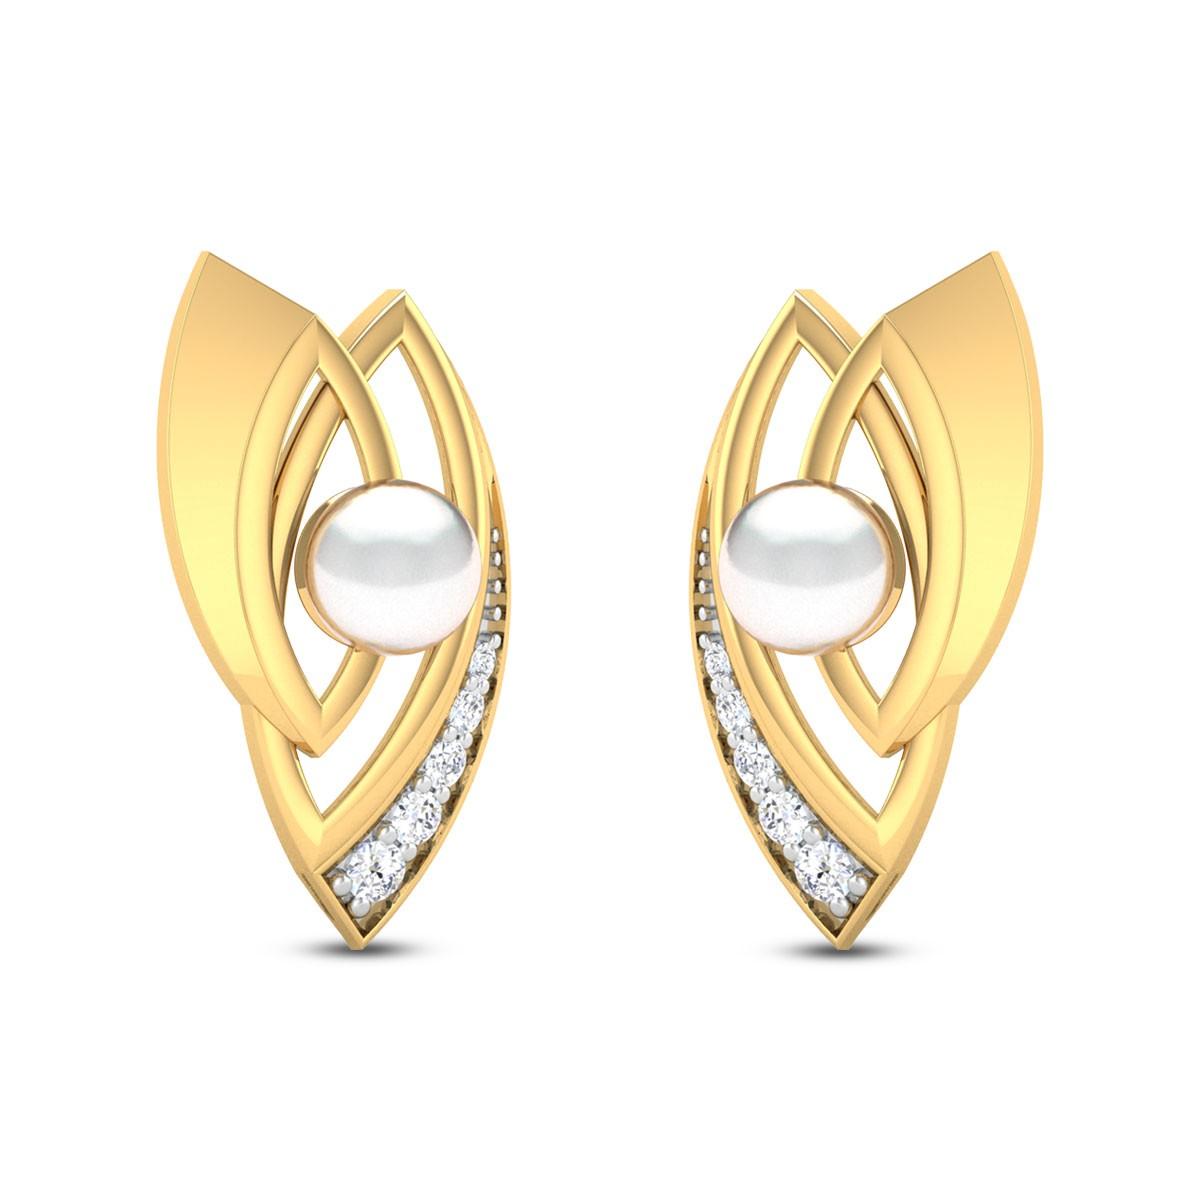 Pearl Miracle Stud Earrings